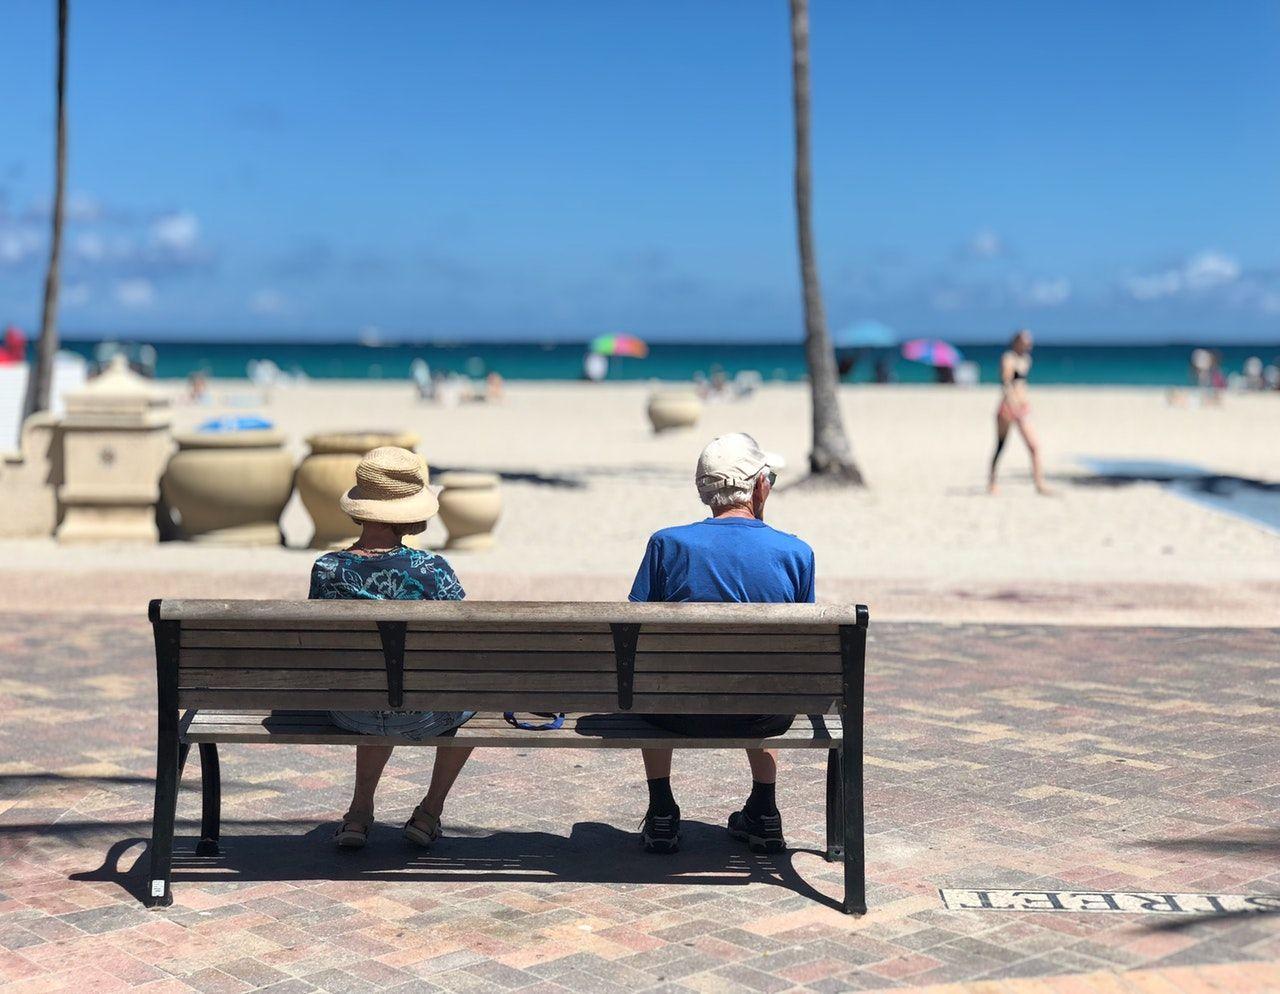 idosos sentados em banco à beira da praia na Flórida